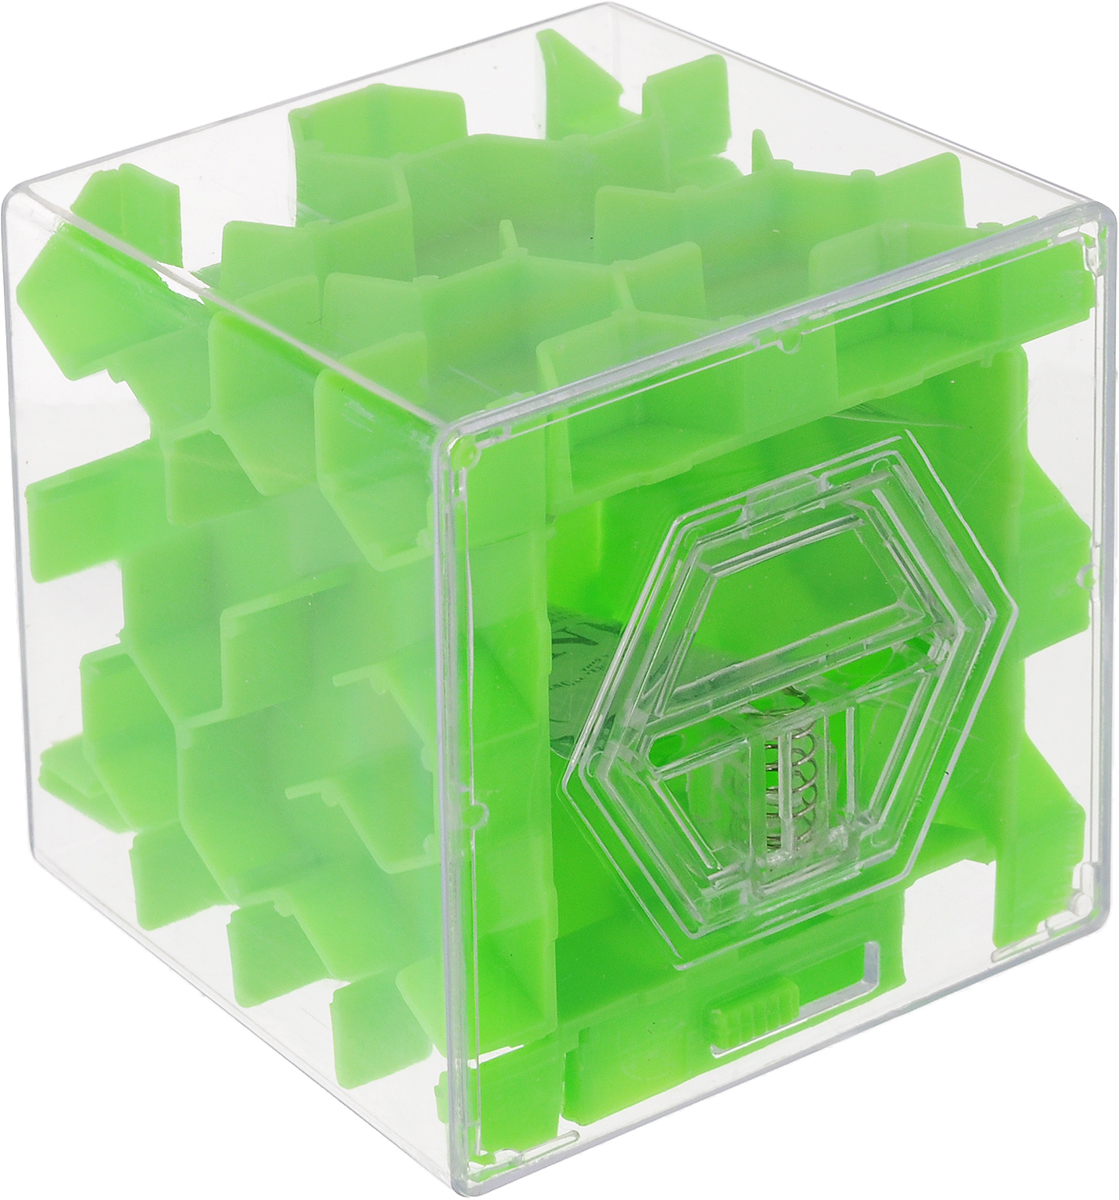 Копилка-головоломка Эврика Лабиринт, цвет: зеленый12723Копилка Лабиринт - это самая настоящая головоломка. Она изготовлена из высококачественного пластика. Чтобы достать накопленные денежки, необходимо провести шарик по запутанному пути.Копилка Лабиринт - оригинальный способ преподнести подарок. Положите купюру в копилку и смело вручайте имениннику. Вашему другу придется потрудиться, чтобы достать подаренную купюру. Копилка имеет отверстие, чтобы класть в неё деньги.Размер копилки: 6,5 х 6,5 х 6,5 см.